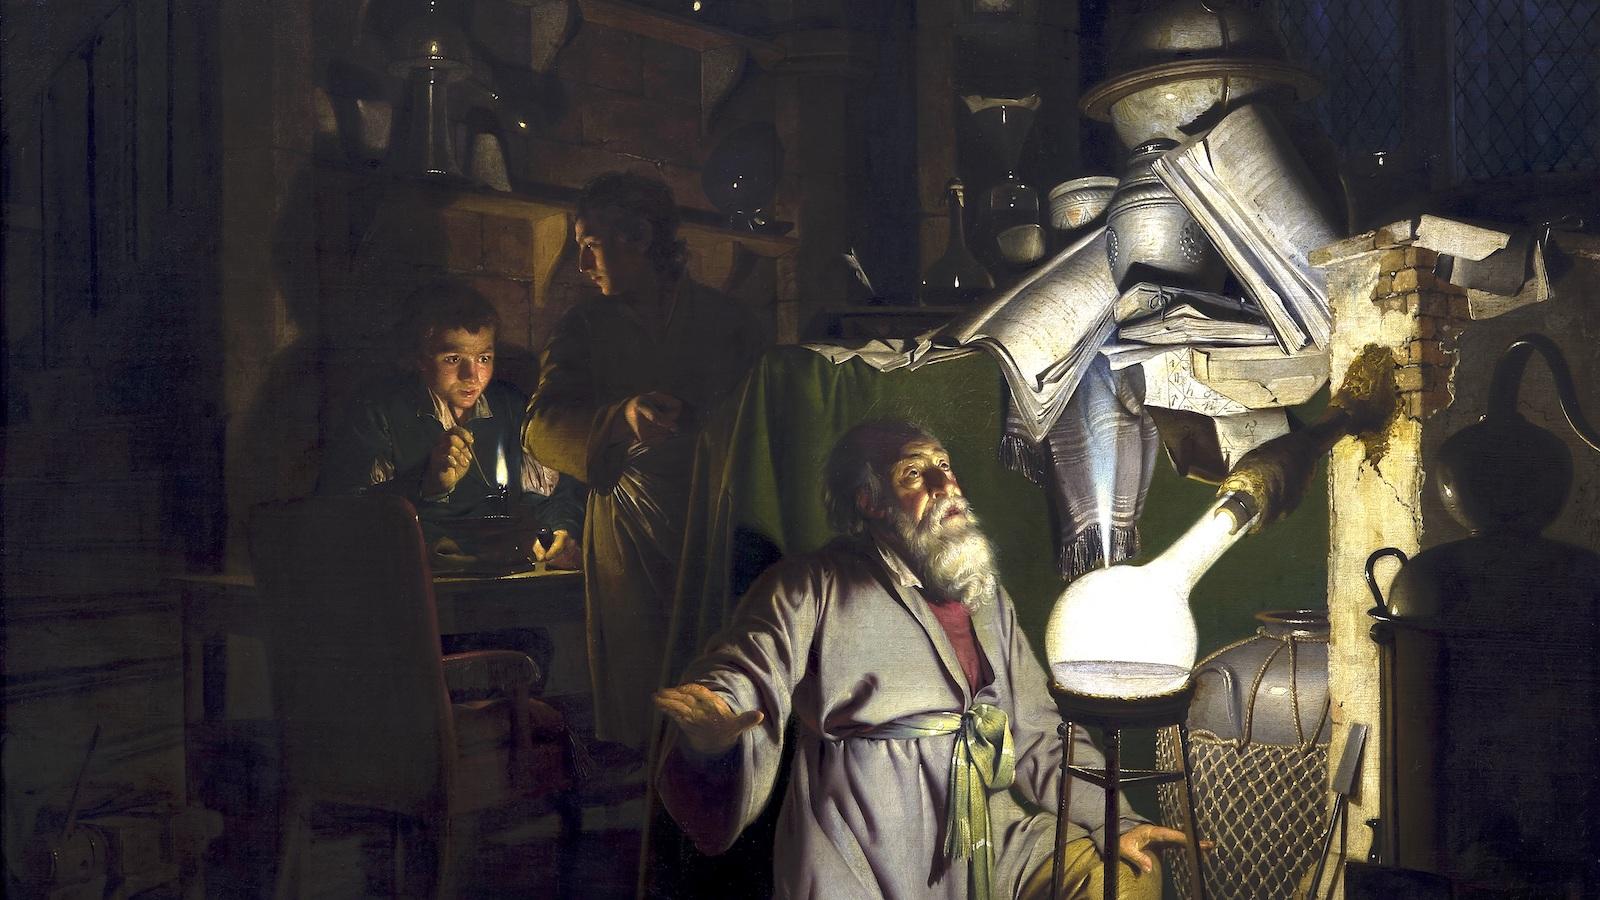 Représentation artistique d'un alchimiste